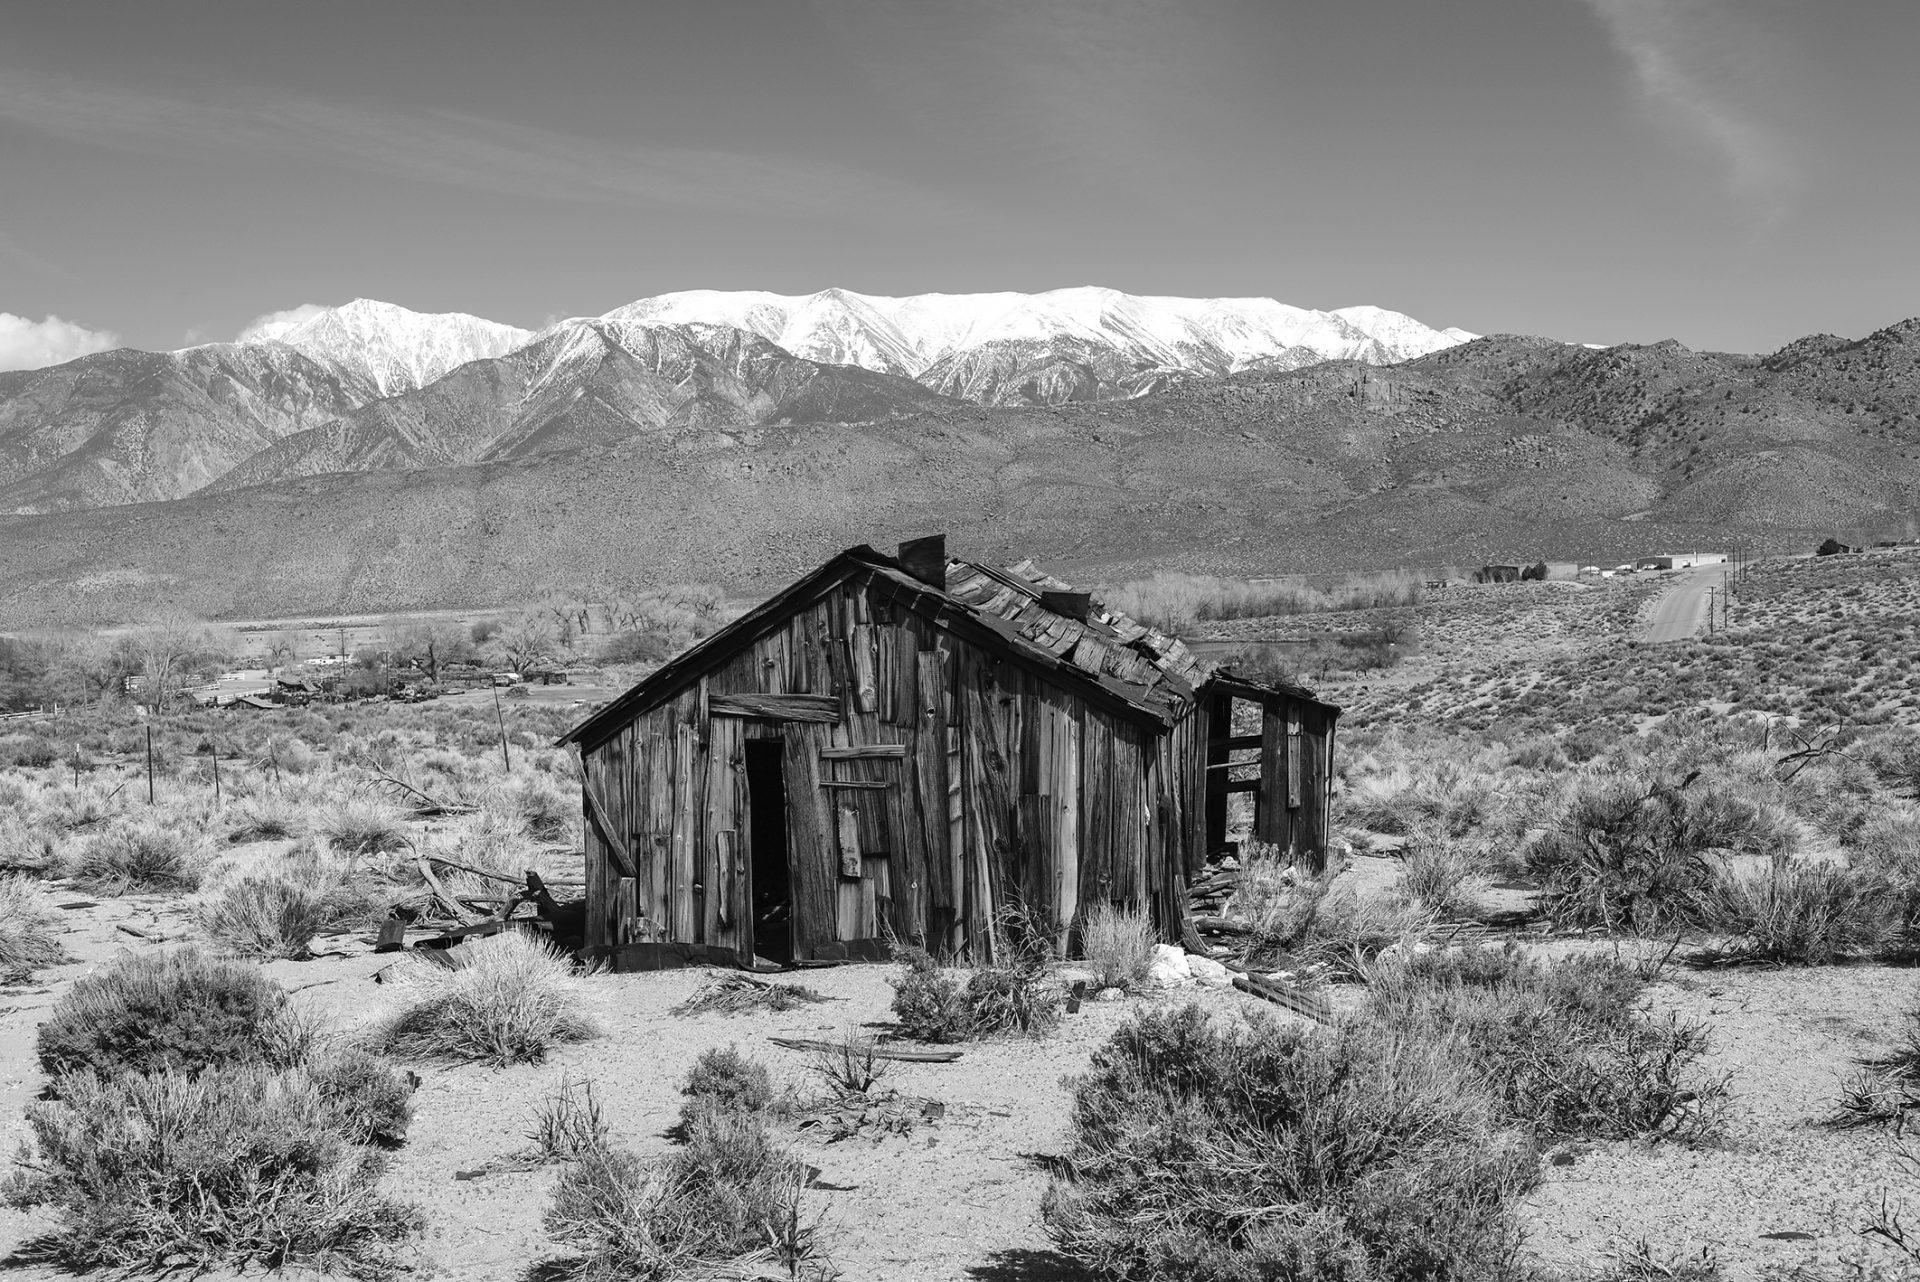 vieille maison americaine dans le desert